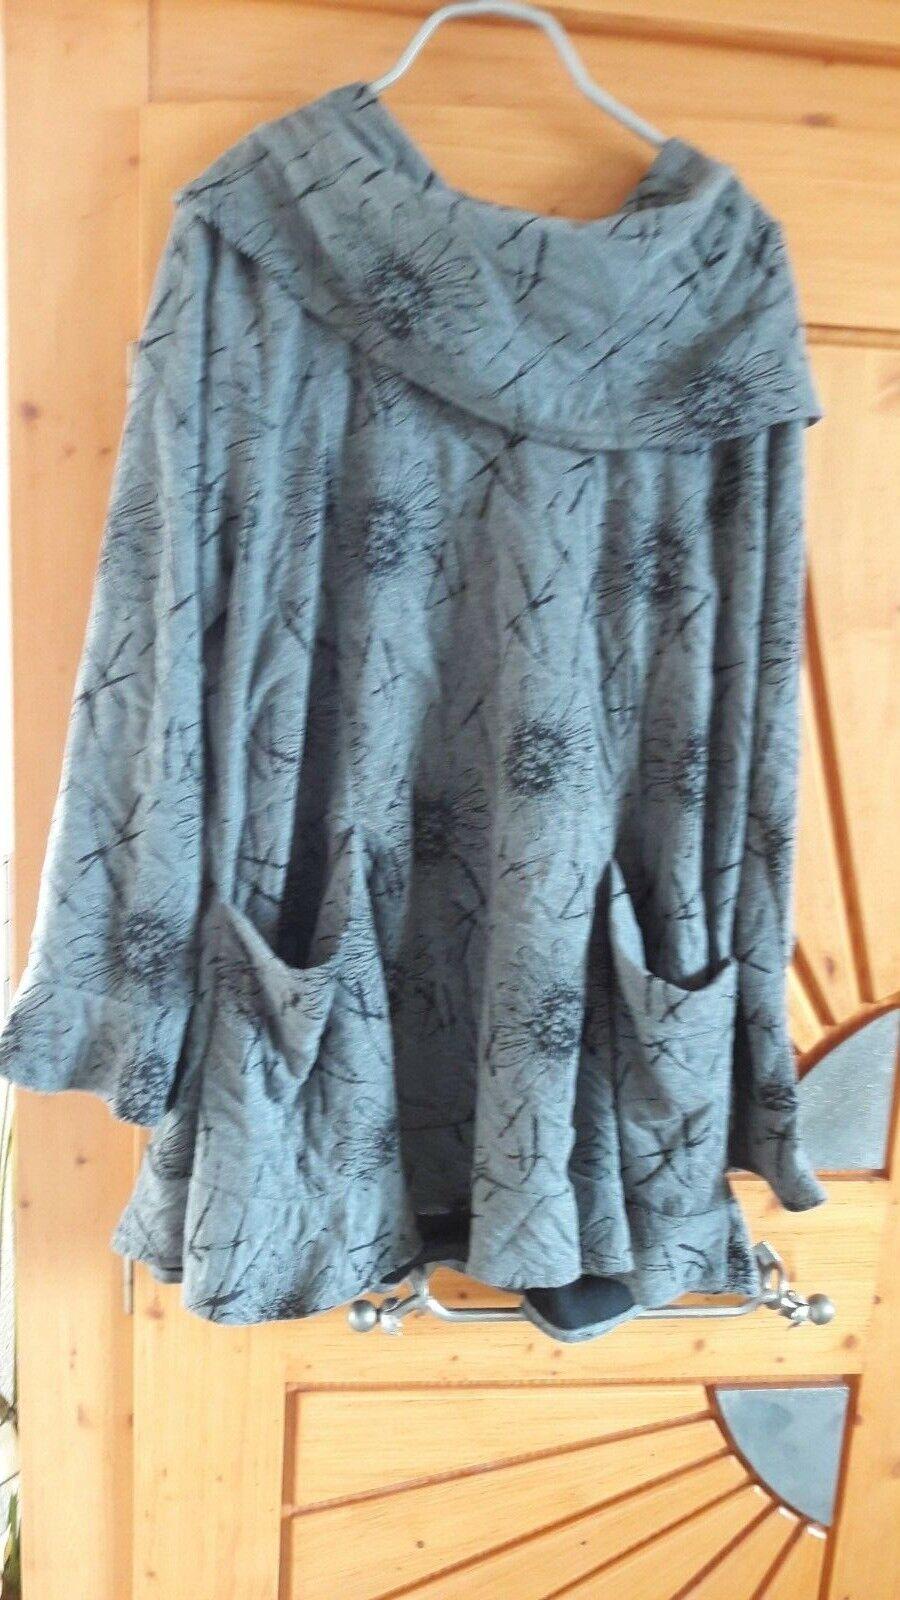 XADOO Damen Rollkragen Pullover,Farbe    Grau, Gr.    One Größe  | Zuverlässiger Ruf  094dd4